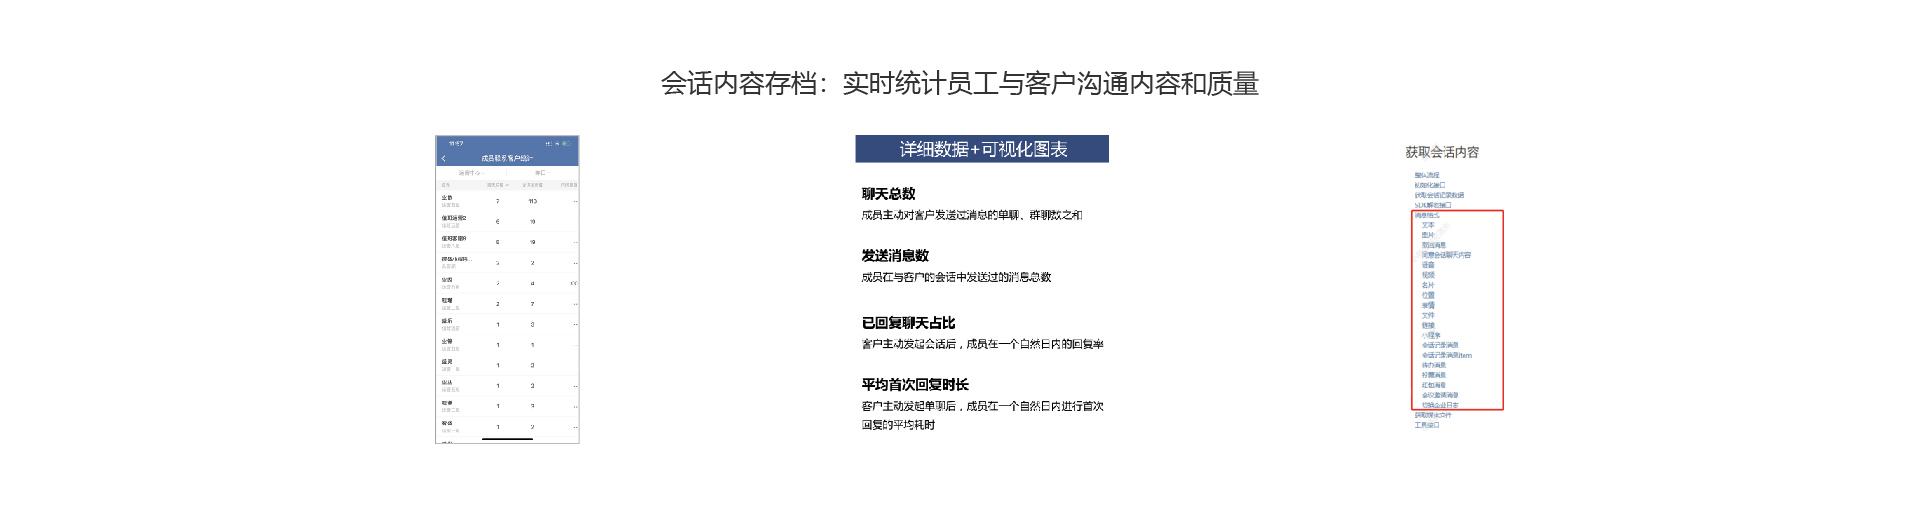 公司官网图0924_画板-1_13.jpg